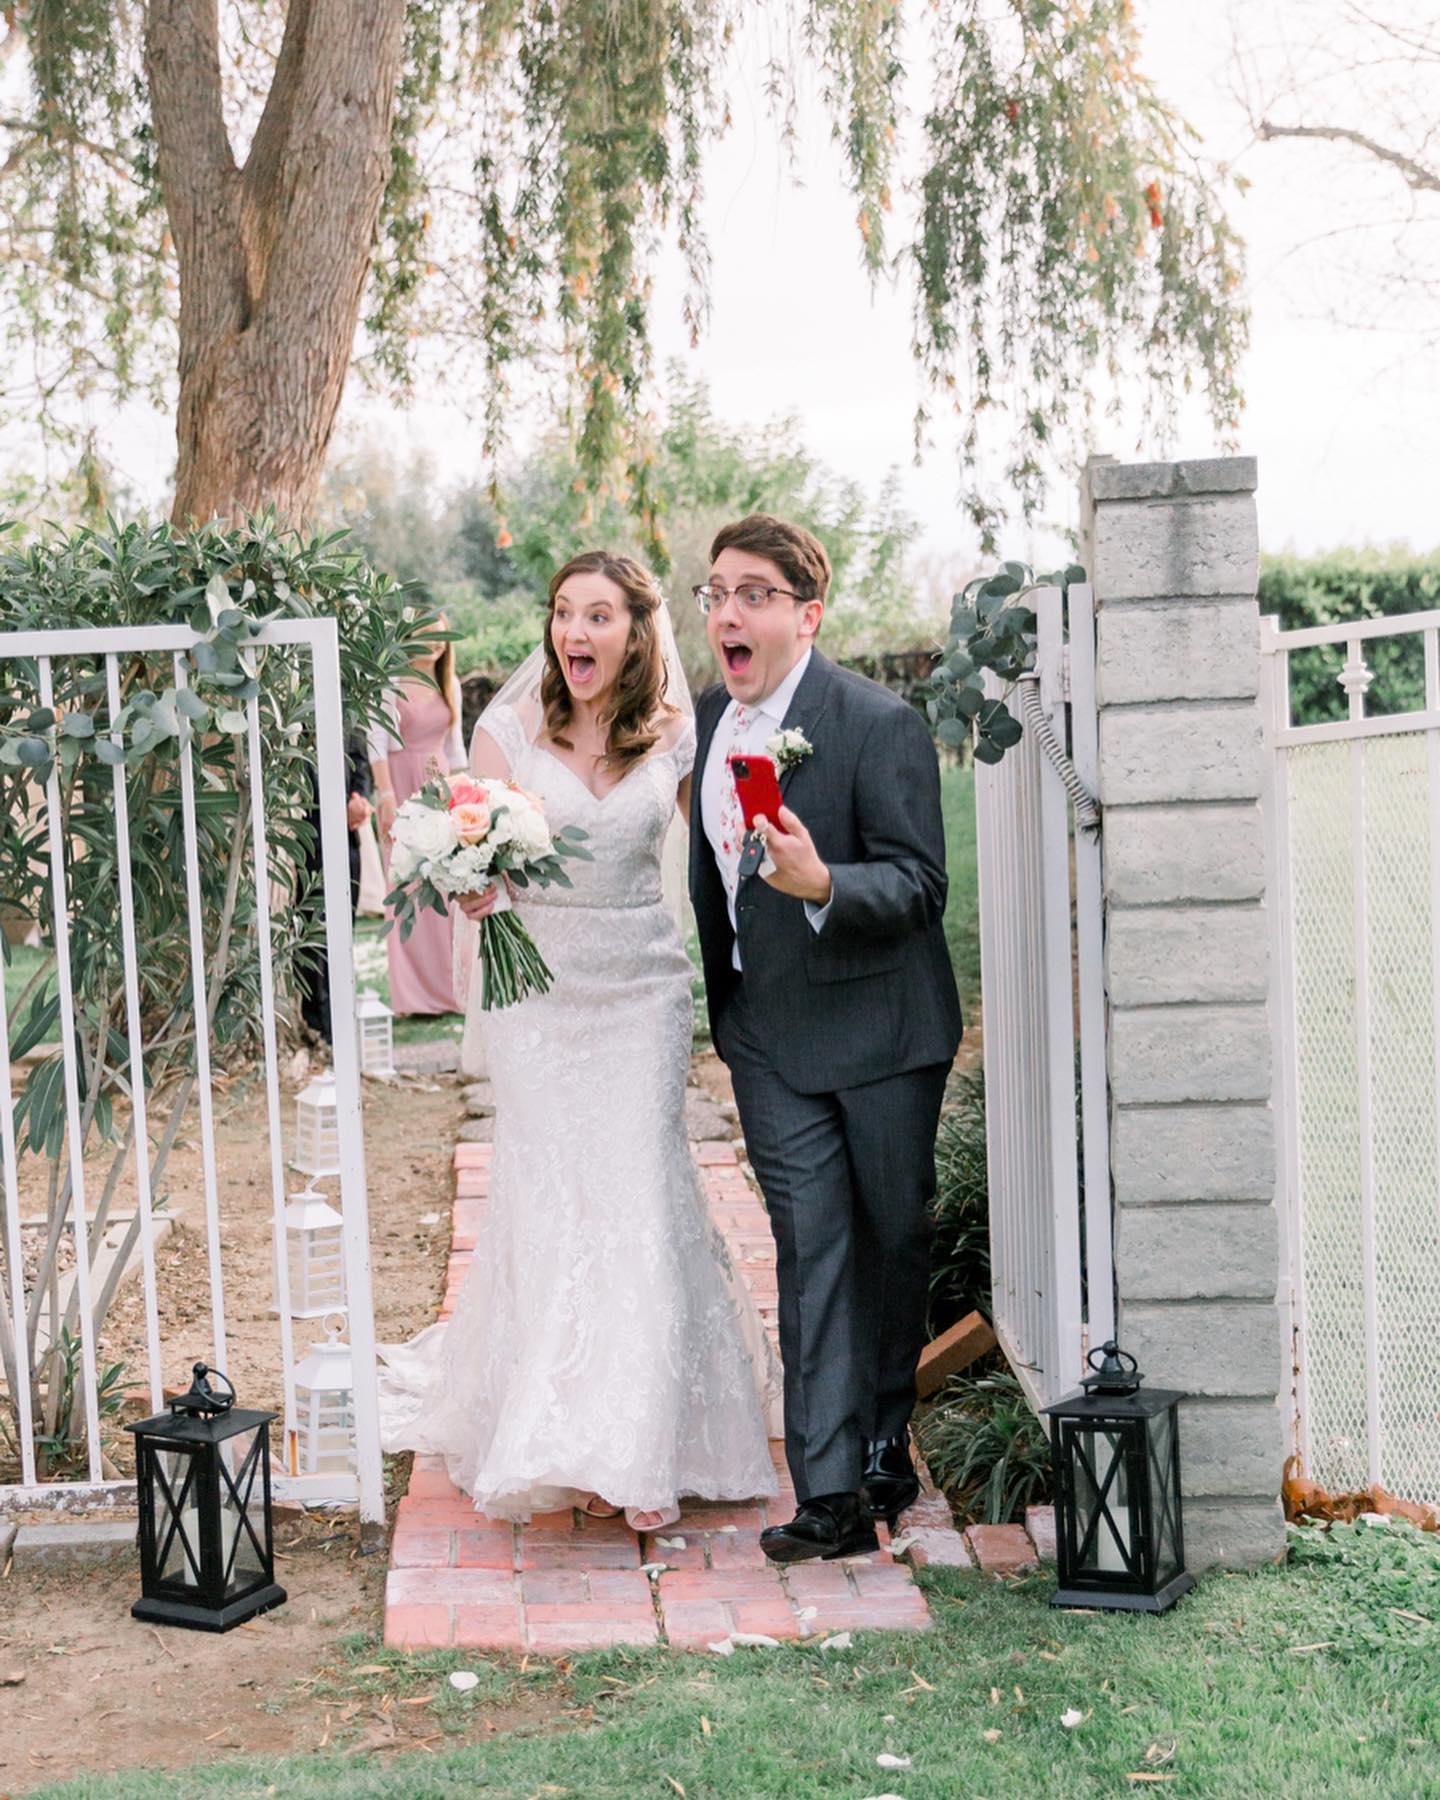 Bride and Groom exiting backyard looking surprised